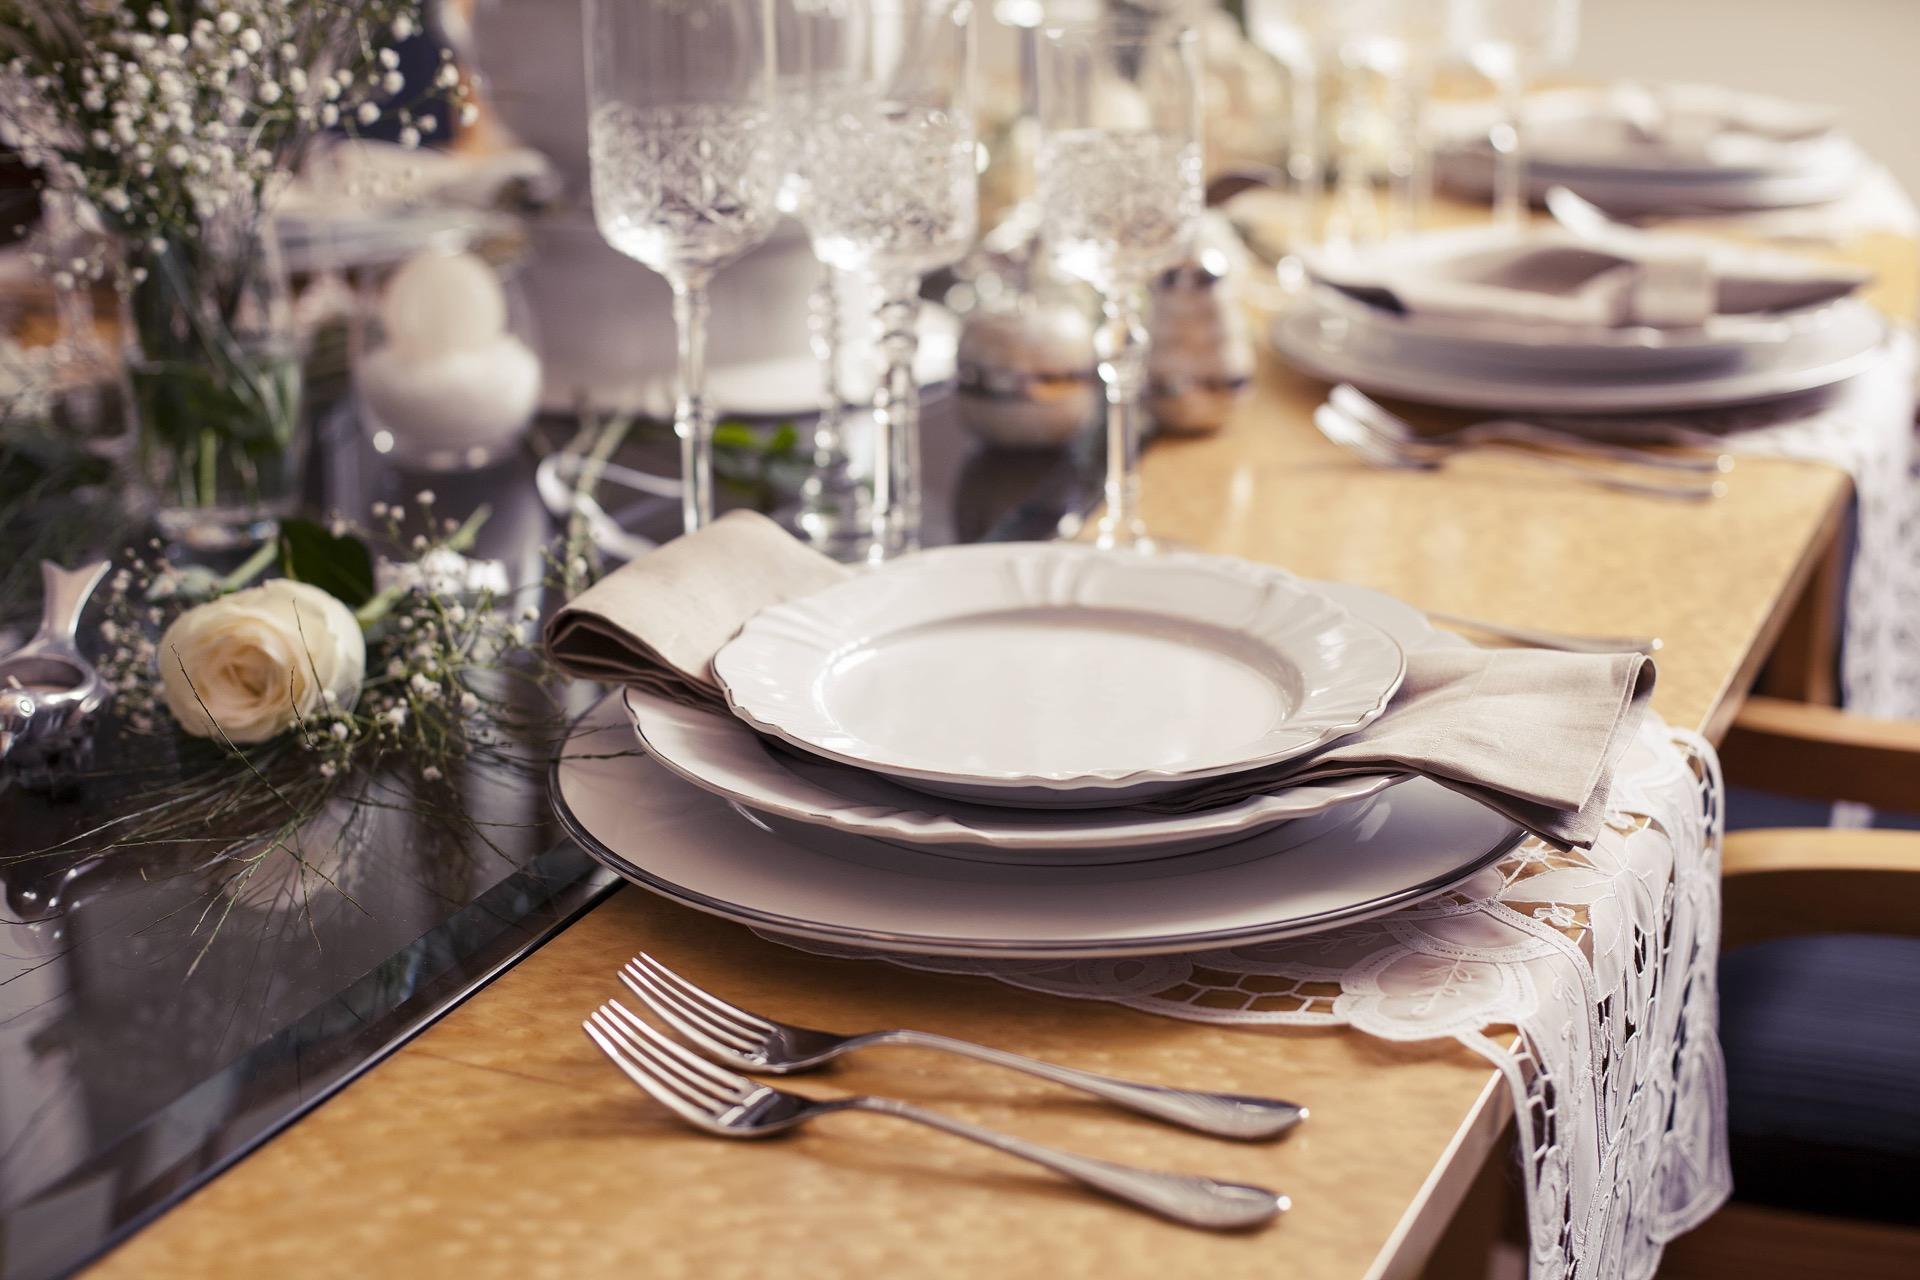 Imagem: Sousplat com filete prateado e pratos da coleção Soleil Katherine da Oxford Porcelanas.